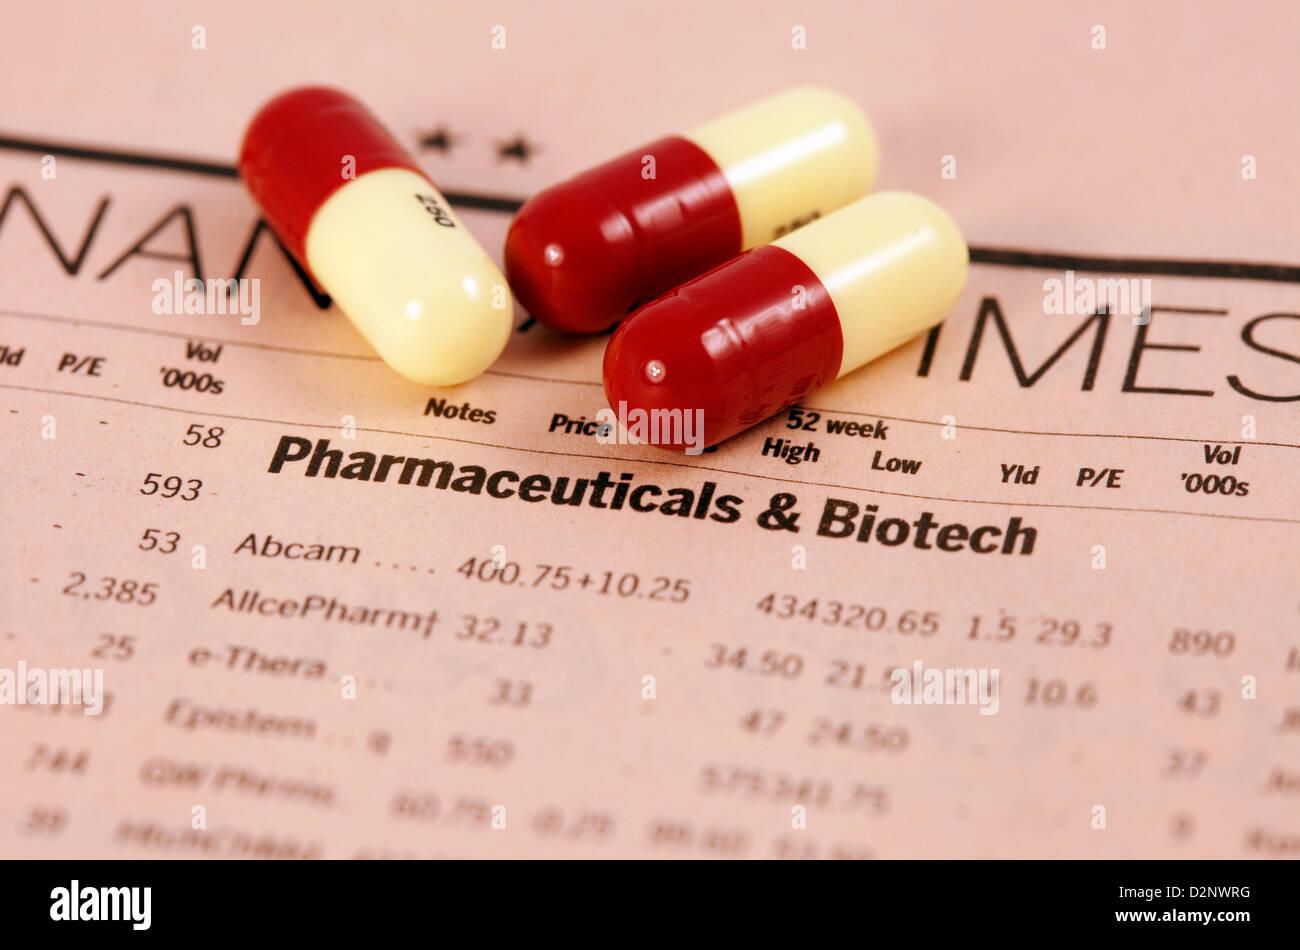 Le prix des actions de l'entreprise pharmaceutique dans le journal Financial Times, et drogues - concept, FT Photo Stock